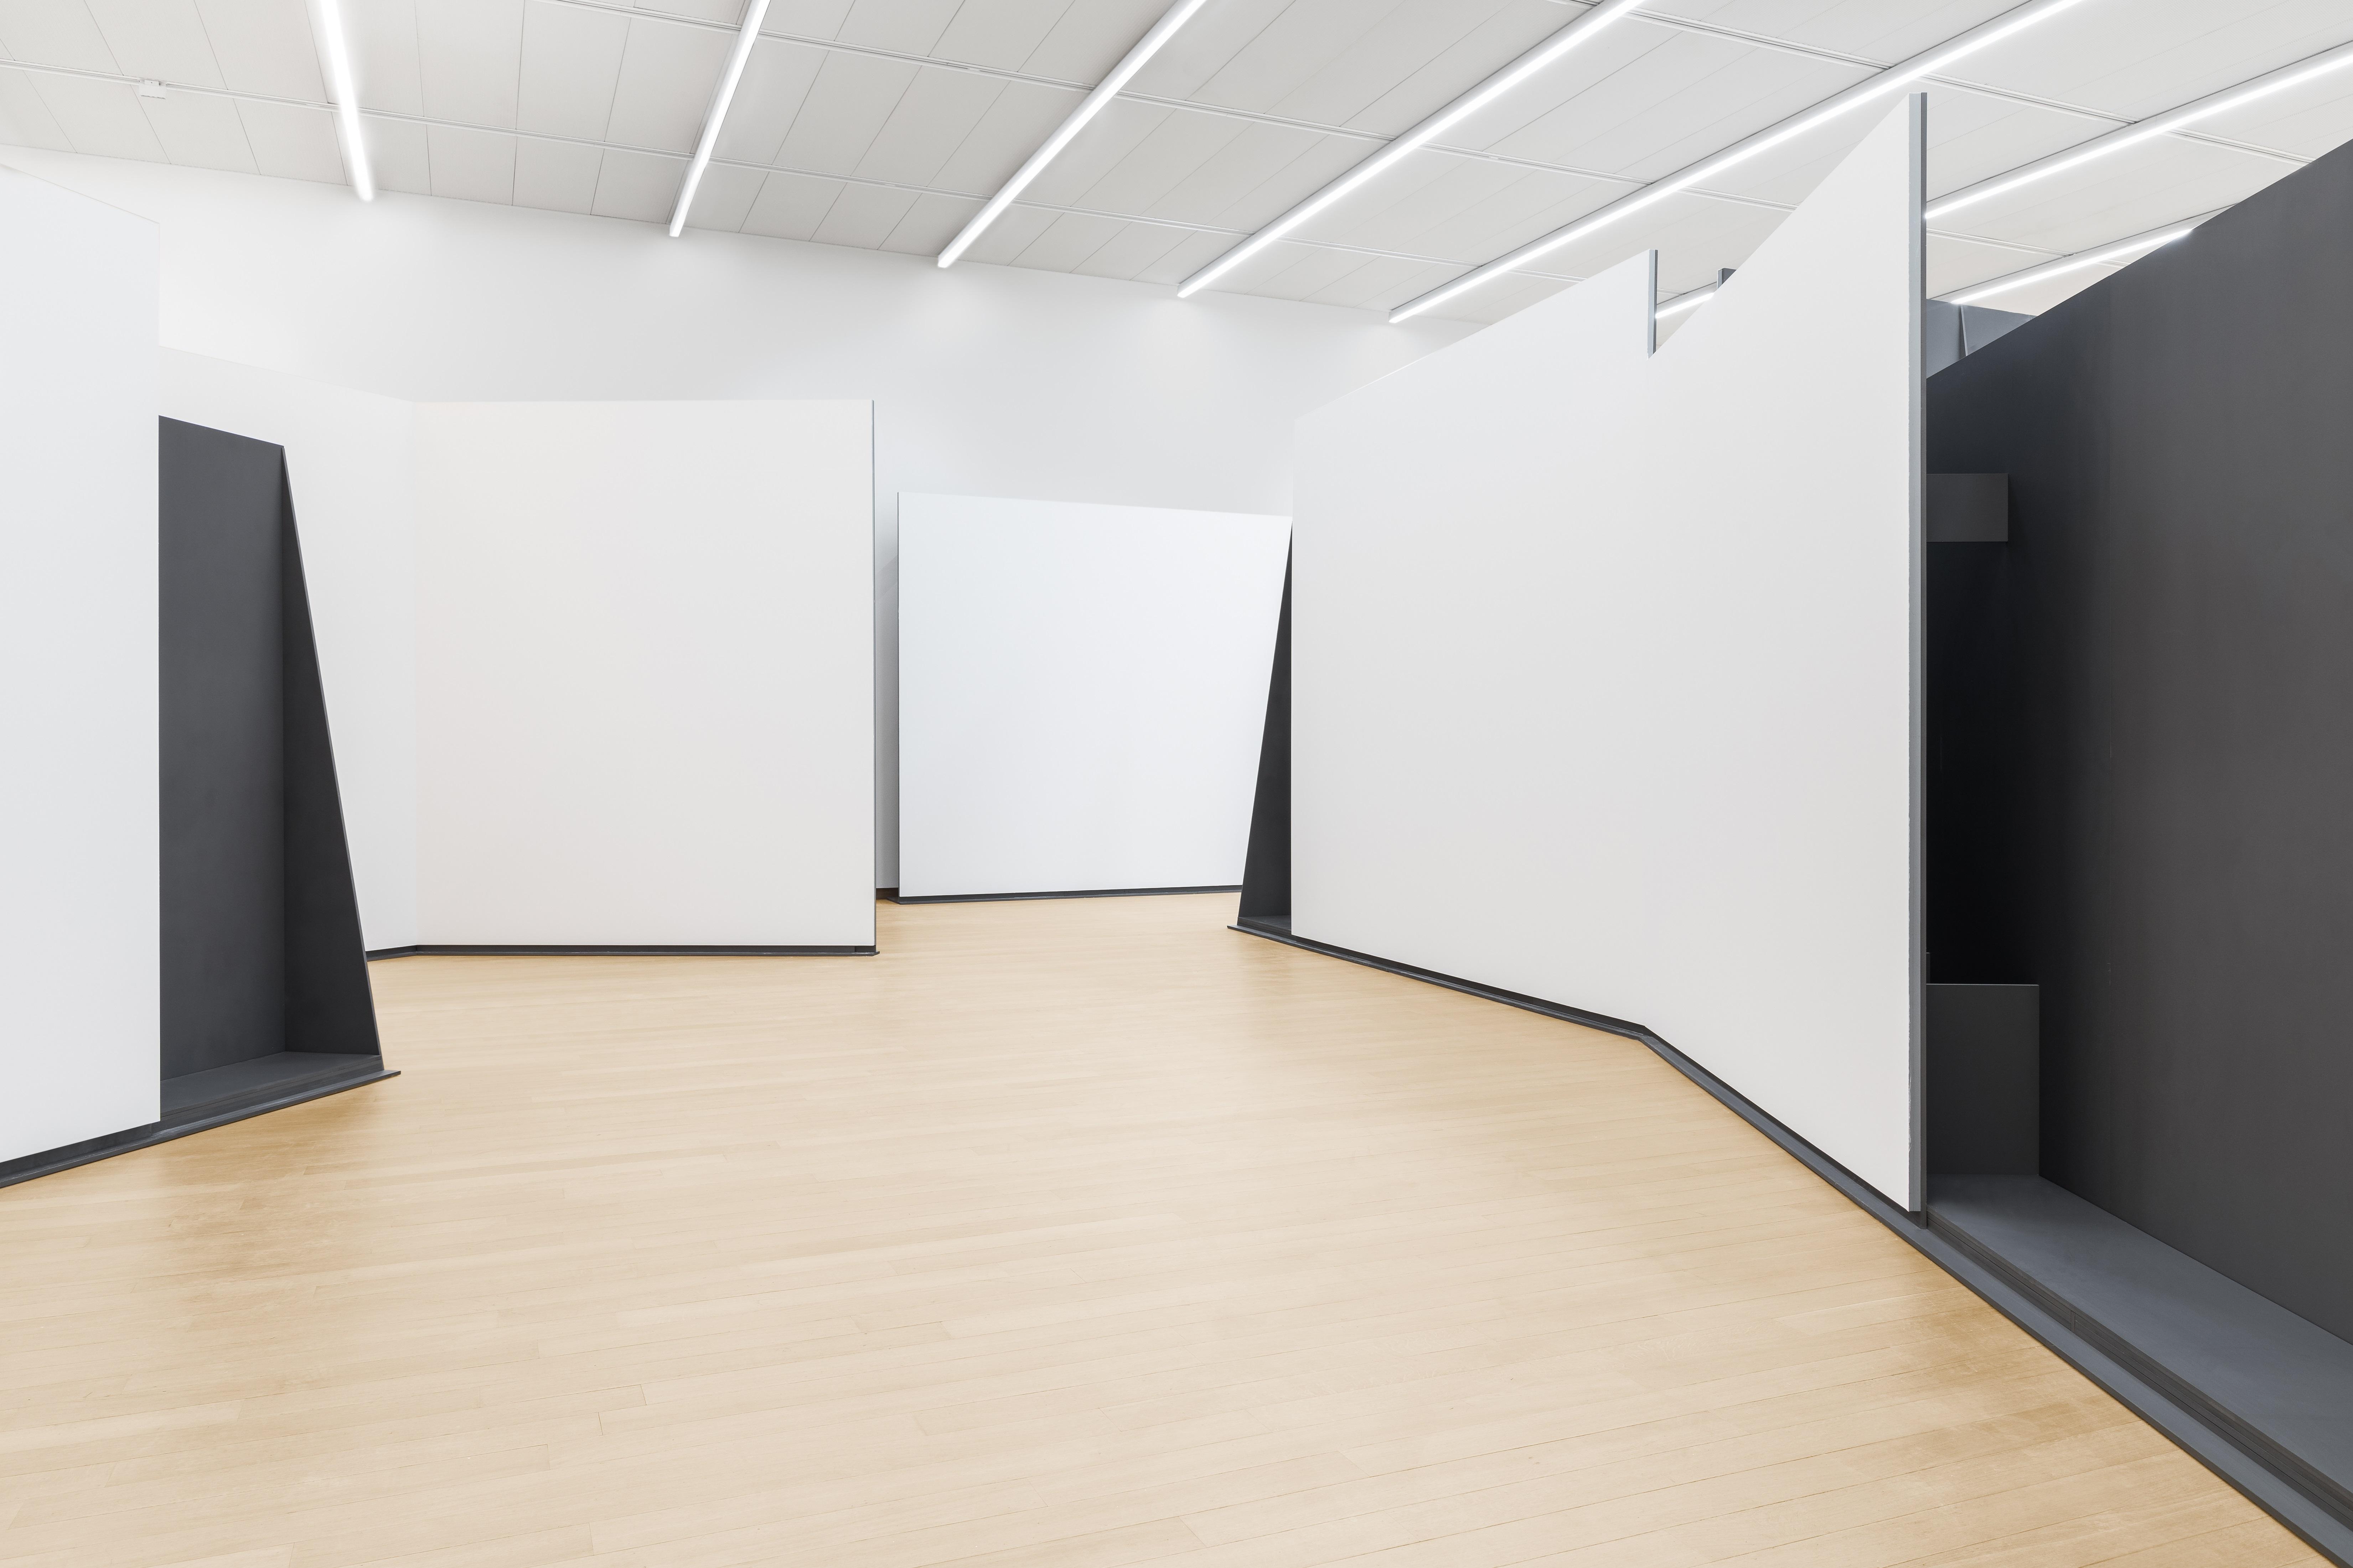 <p>Inrichting Stedelijk Base Beeld Delfino Sisto Legnani & Marco Cappelletti</p>